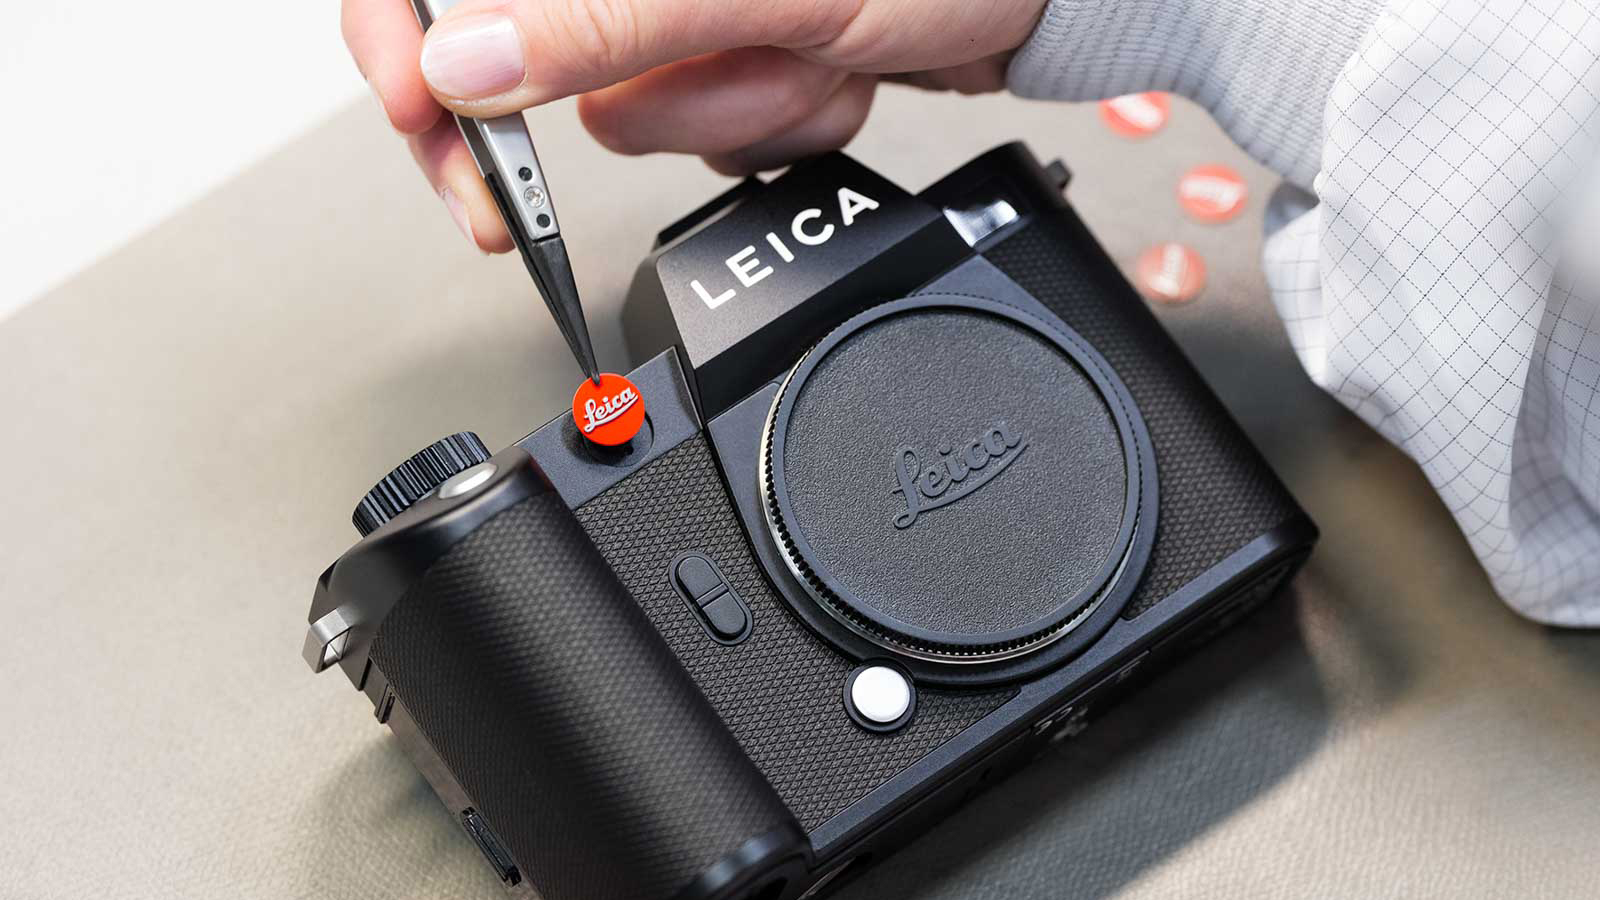 Chiếc Leica SL2 mới được sản xuất bằng tay một cách tỉ mỉ ở bước lắp ráp cuối cùng - Nguồn: Leica Rumors